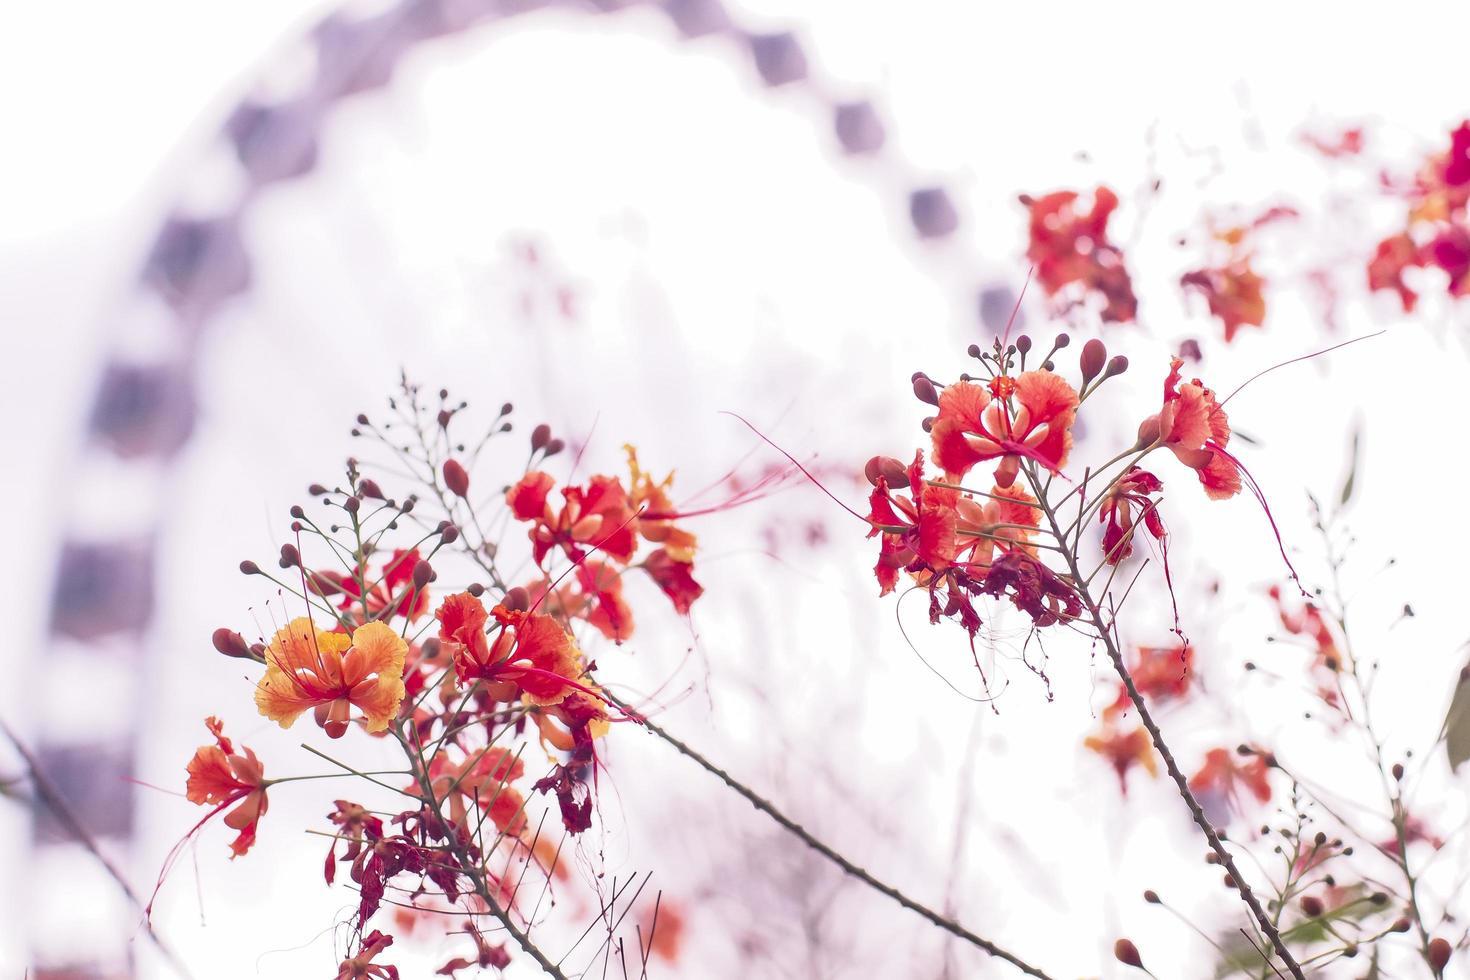 röd kunglig poinciana blomma blommar på våren foto